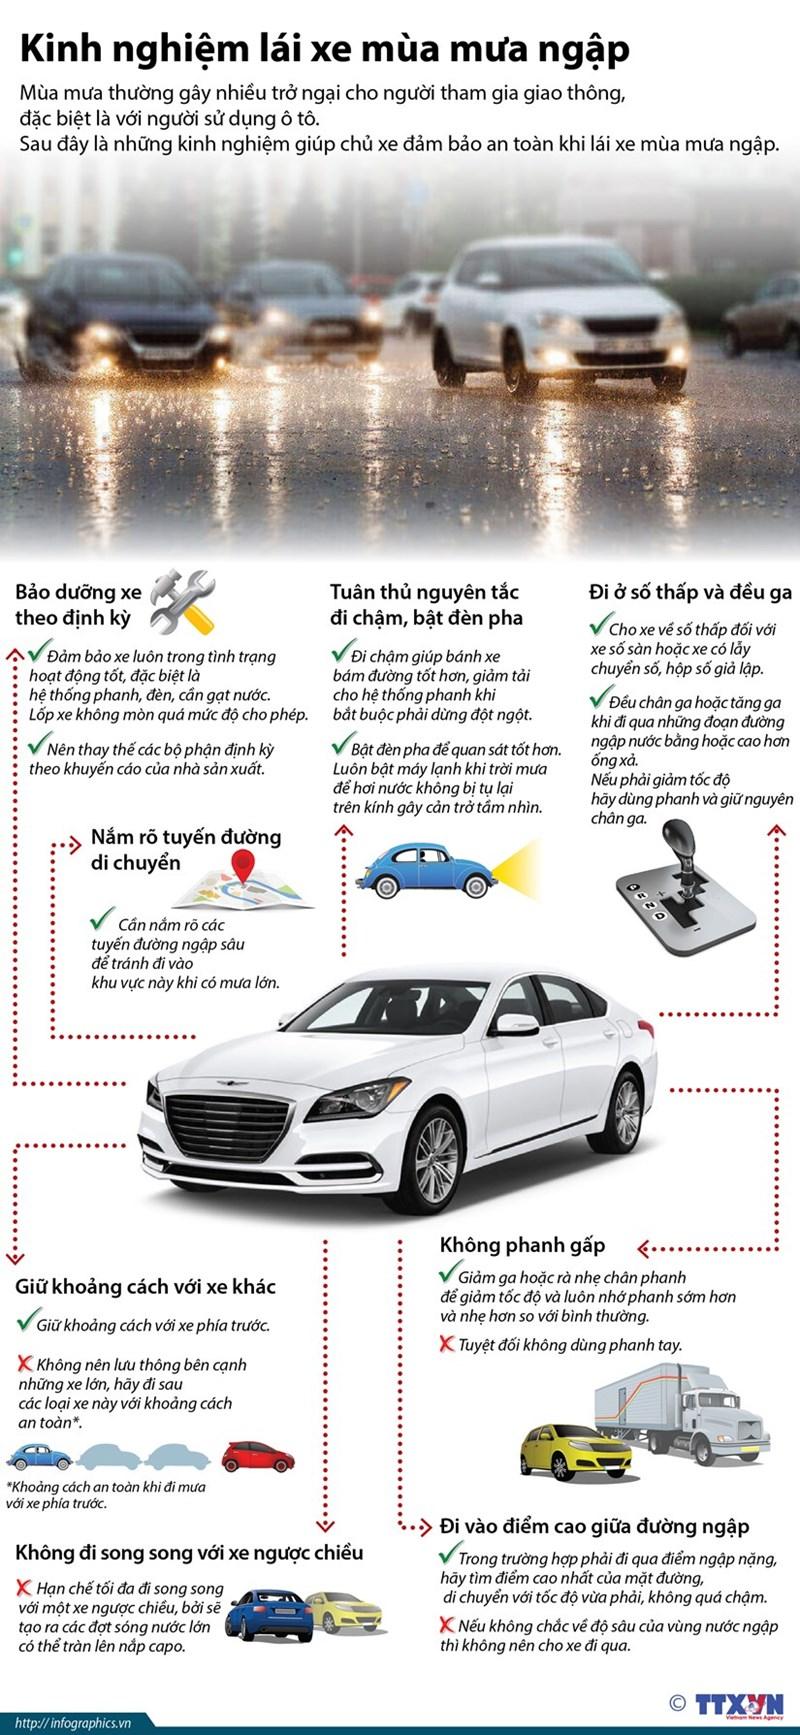 [Infographics] Kinh nghiệm để lái xe an toàn mùa mưa ngập - Ảnh 1